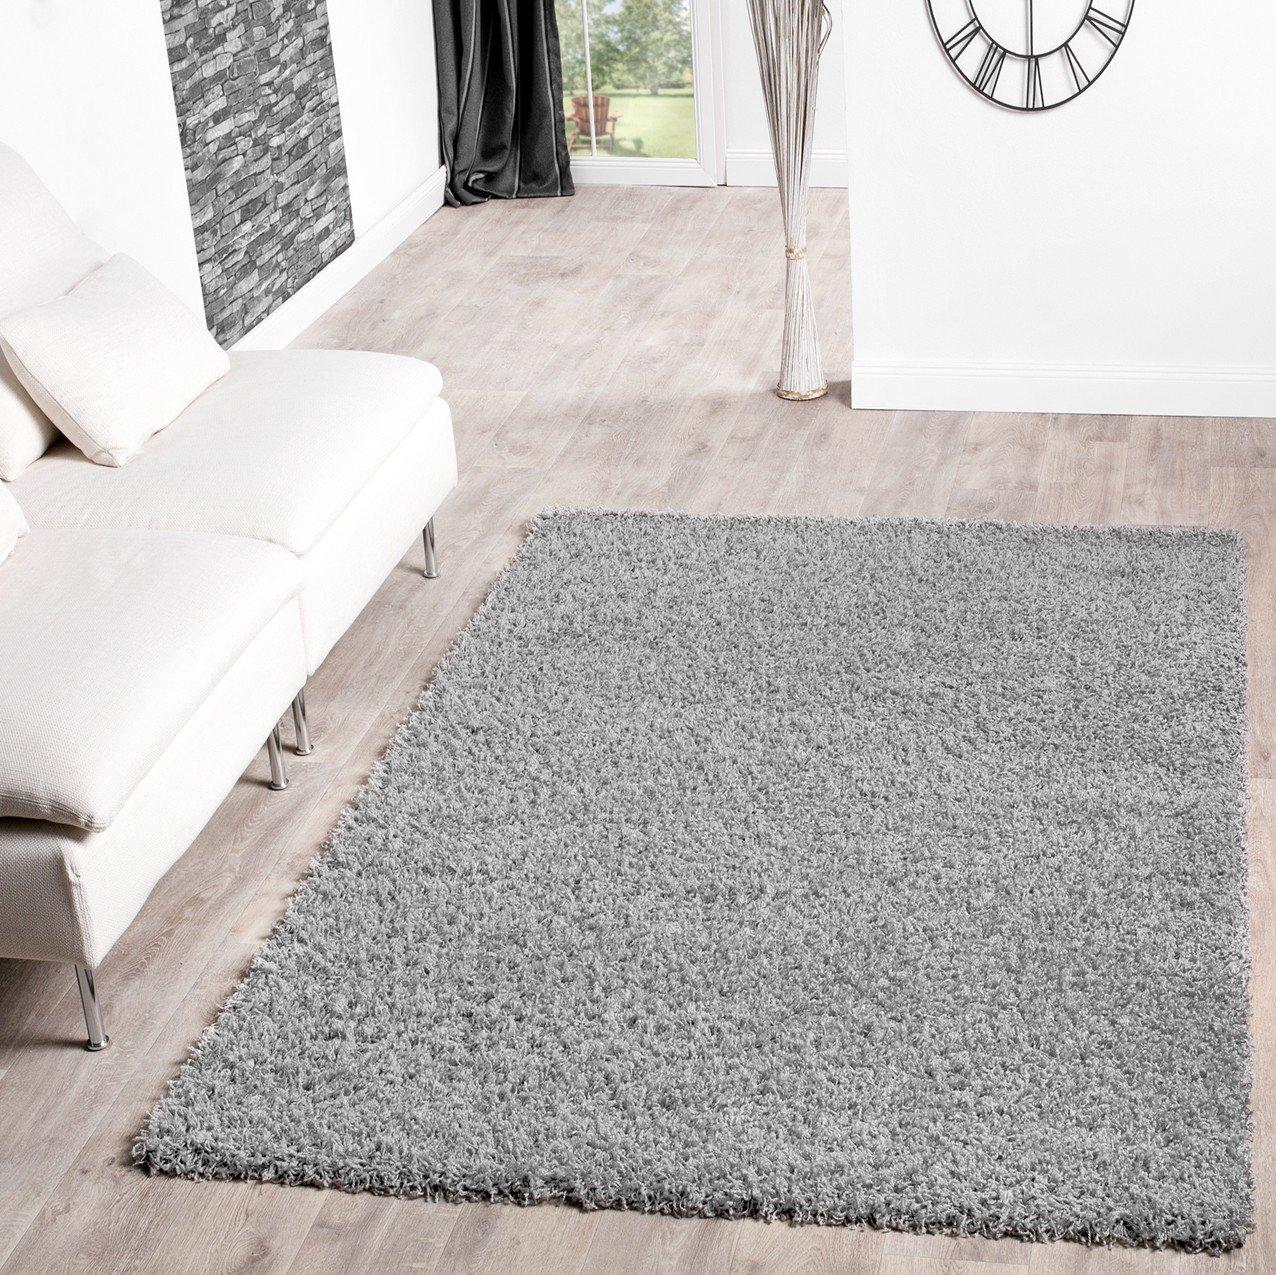 Teppich wohnzimmer grau  Shaggy Teppich Hochflor Langflor Teppiche Wohnzimmer Preishammer ...